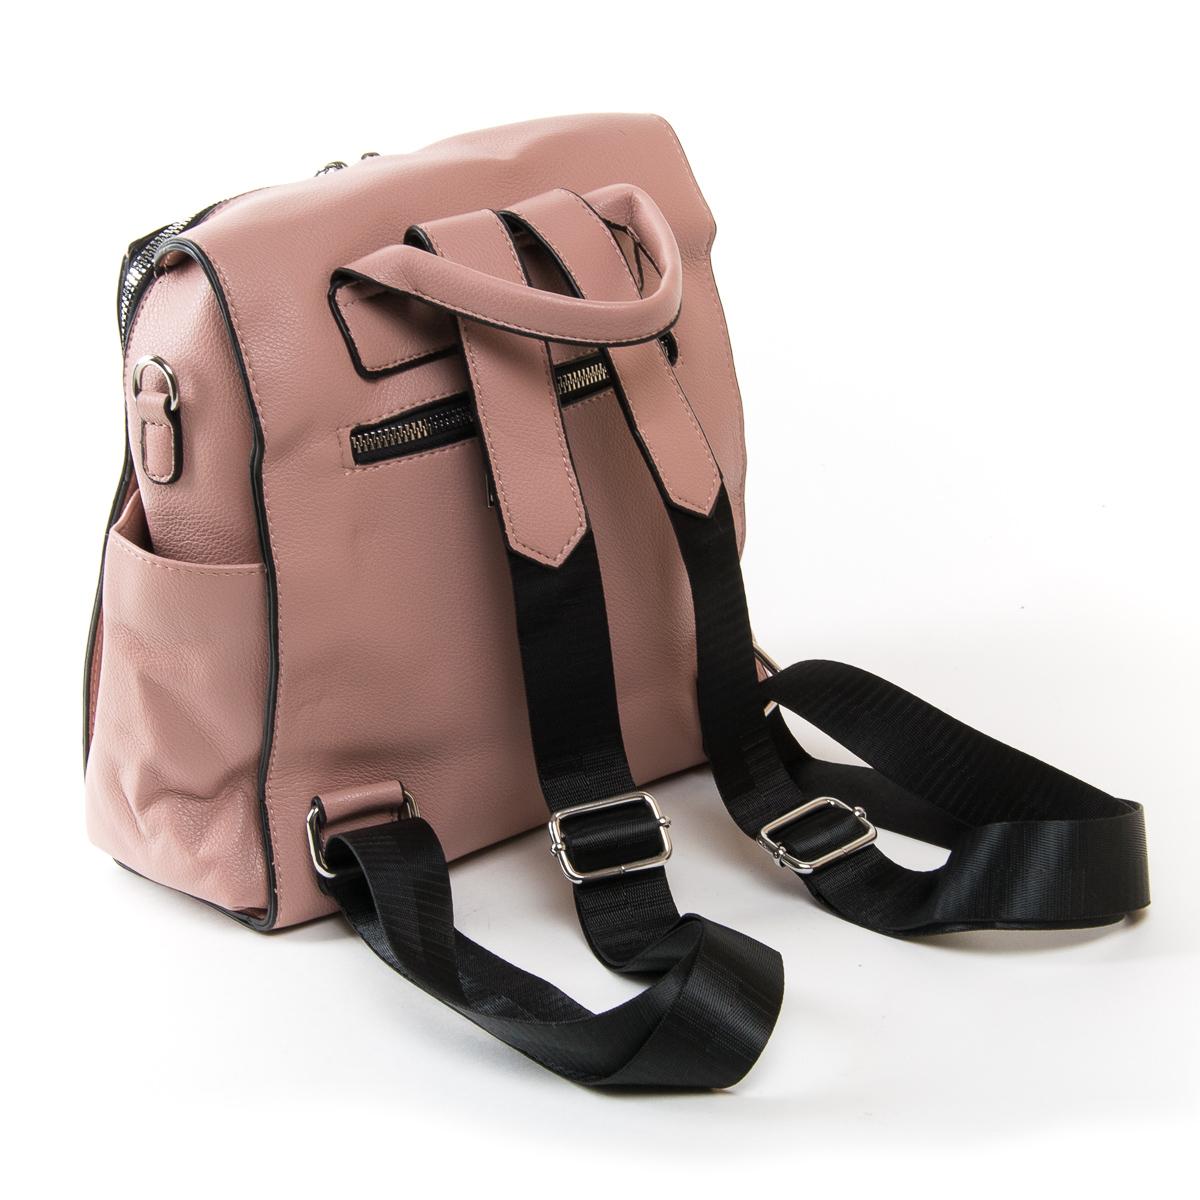 Сумка Женская Рюкзак иск-кожа FASHION 01-02 11047 pink - фото 4